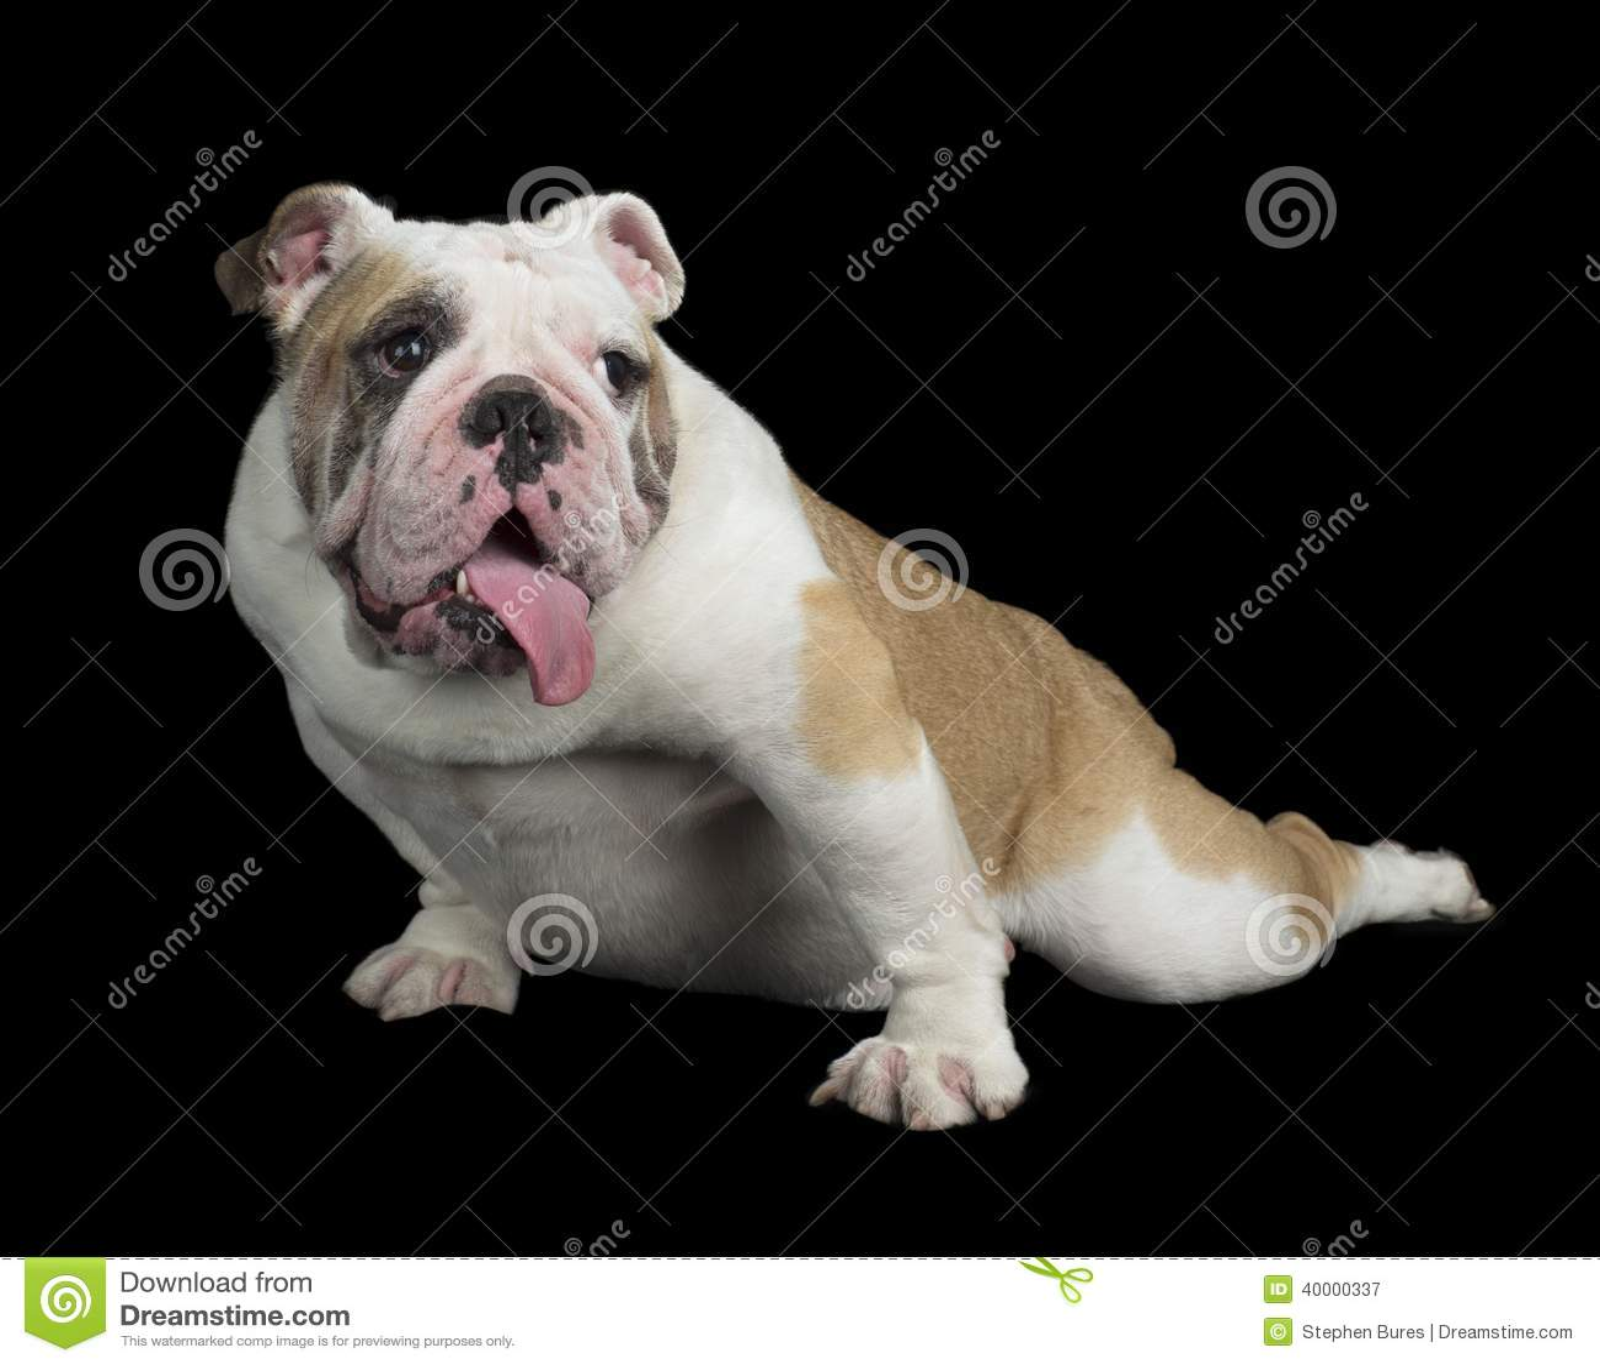 English Bulldog Stock Image Image Of Horizontal Alone 40000337